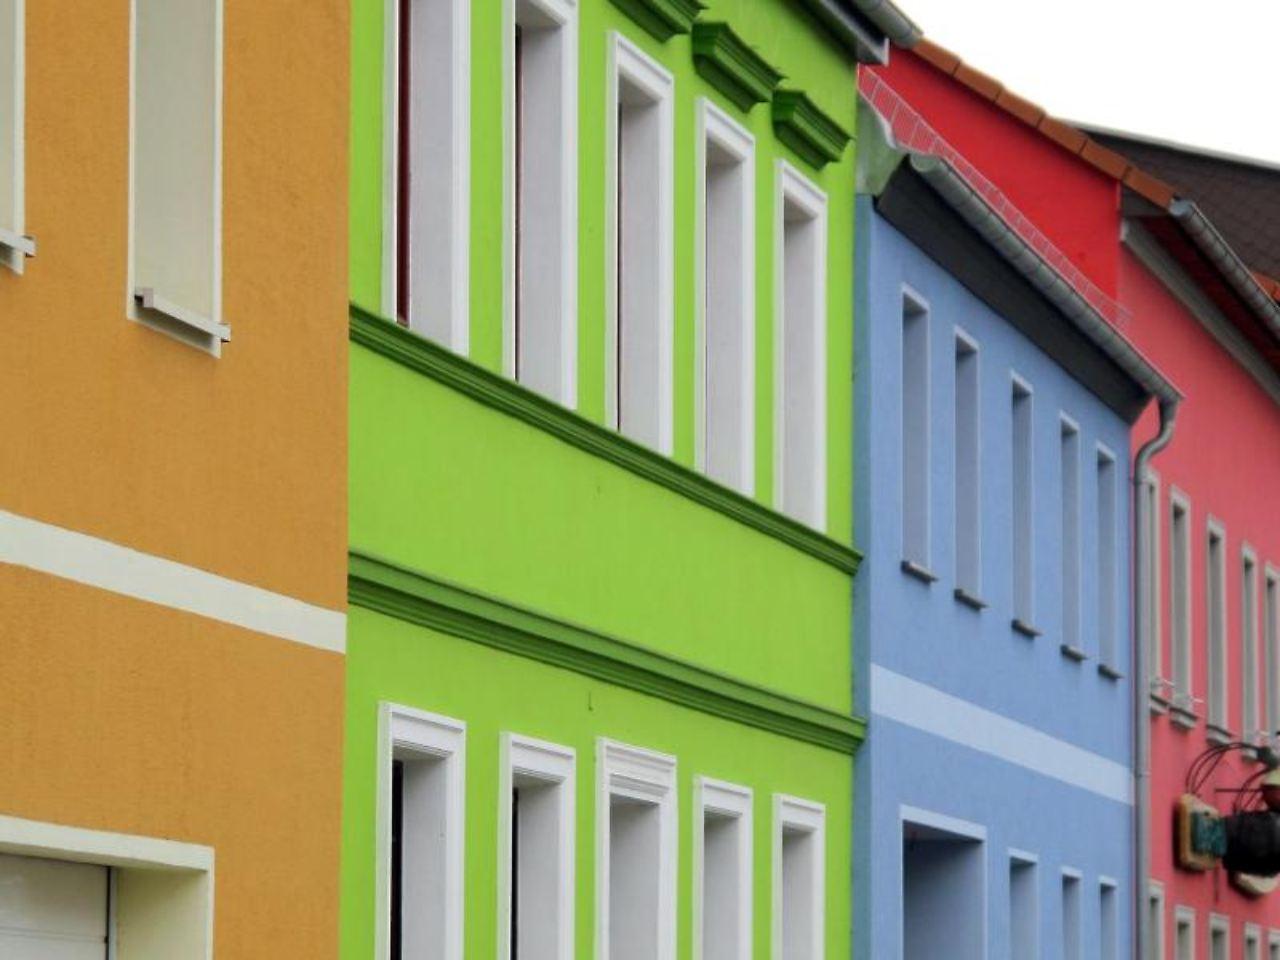 immobilienbesitzer werden entlastet maklerkosten steuerlich absetzen n. Black Bedroom Furniture Sets. Home Design Ideas